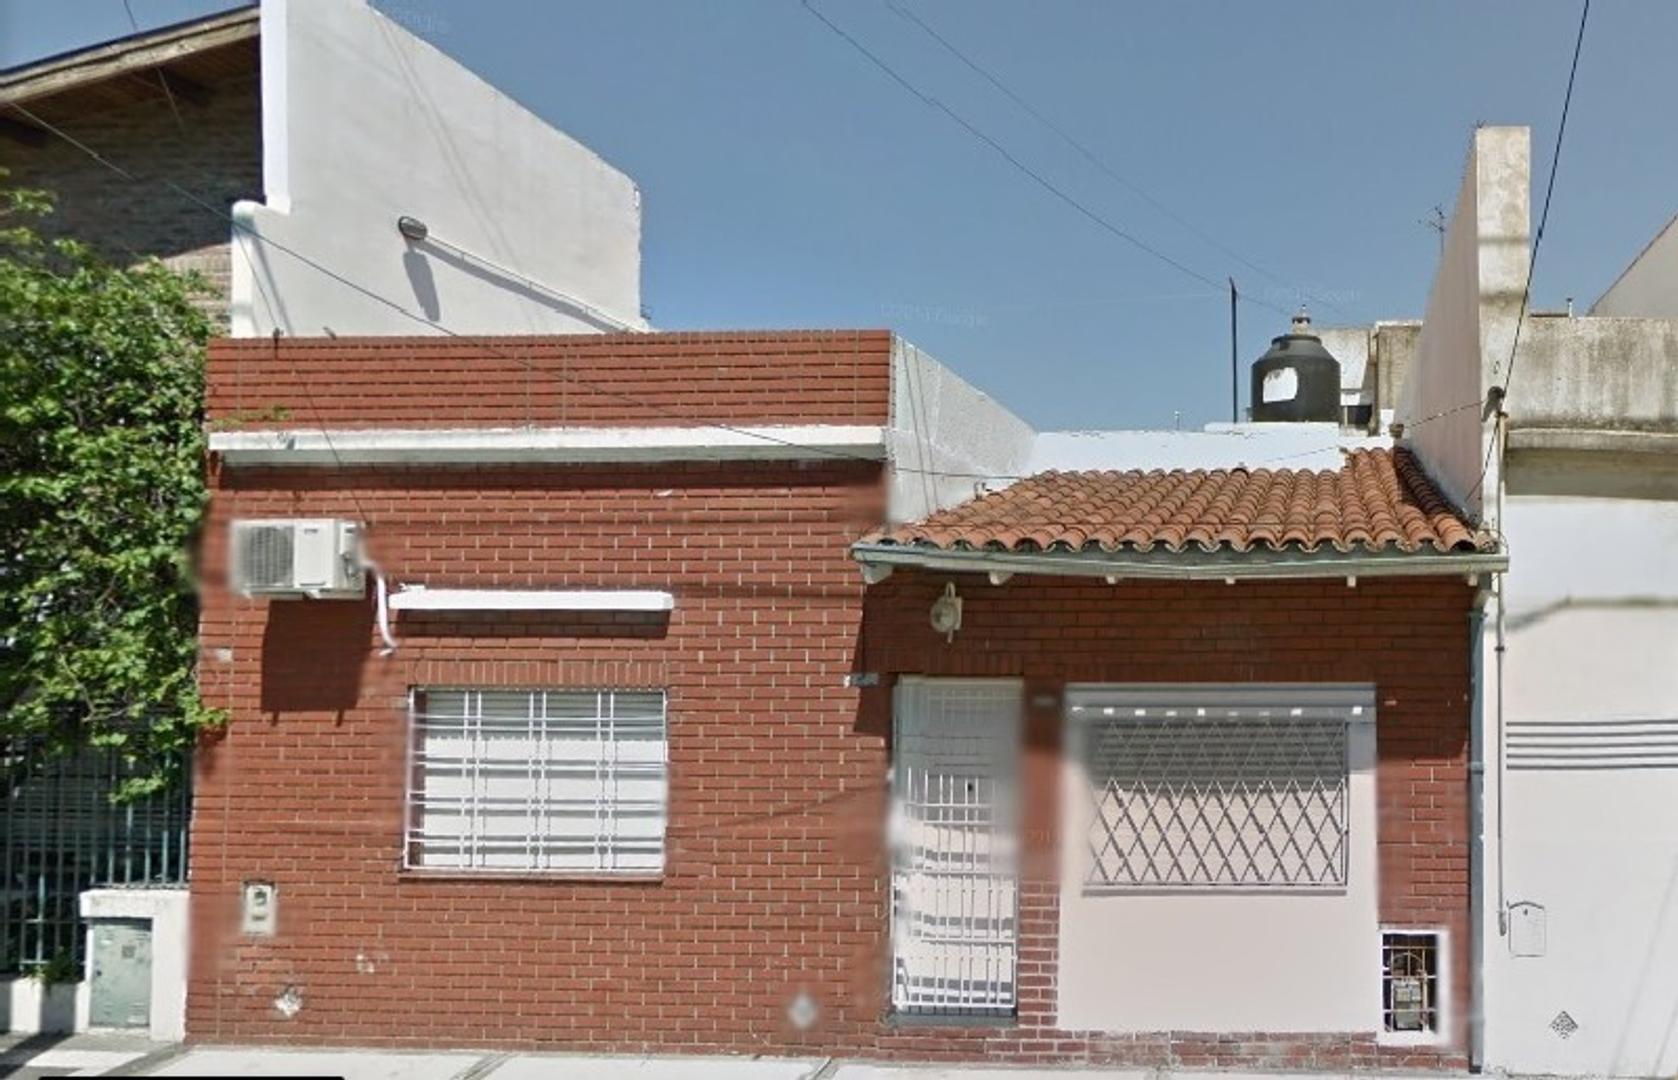 Casa en alquiler en h guidi 1500 lanus este buscainmueble for Alquiler casa sevilla este particular